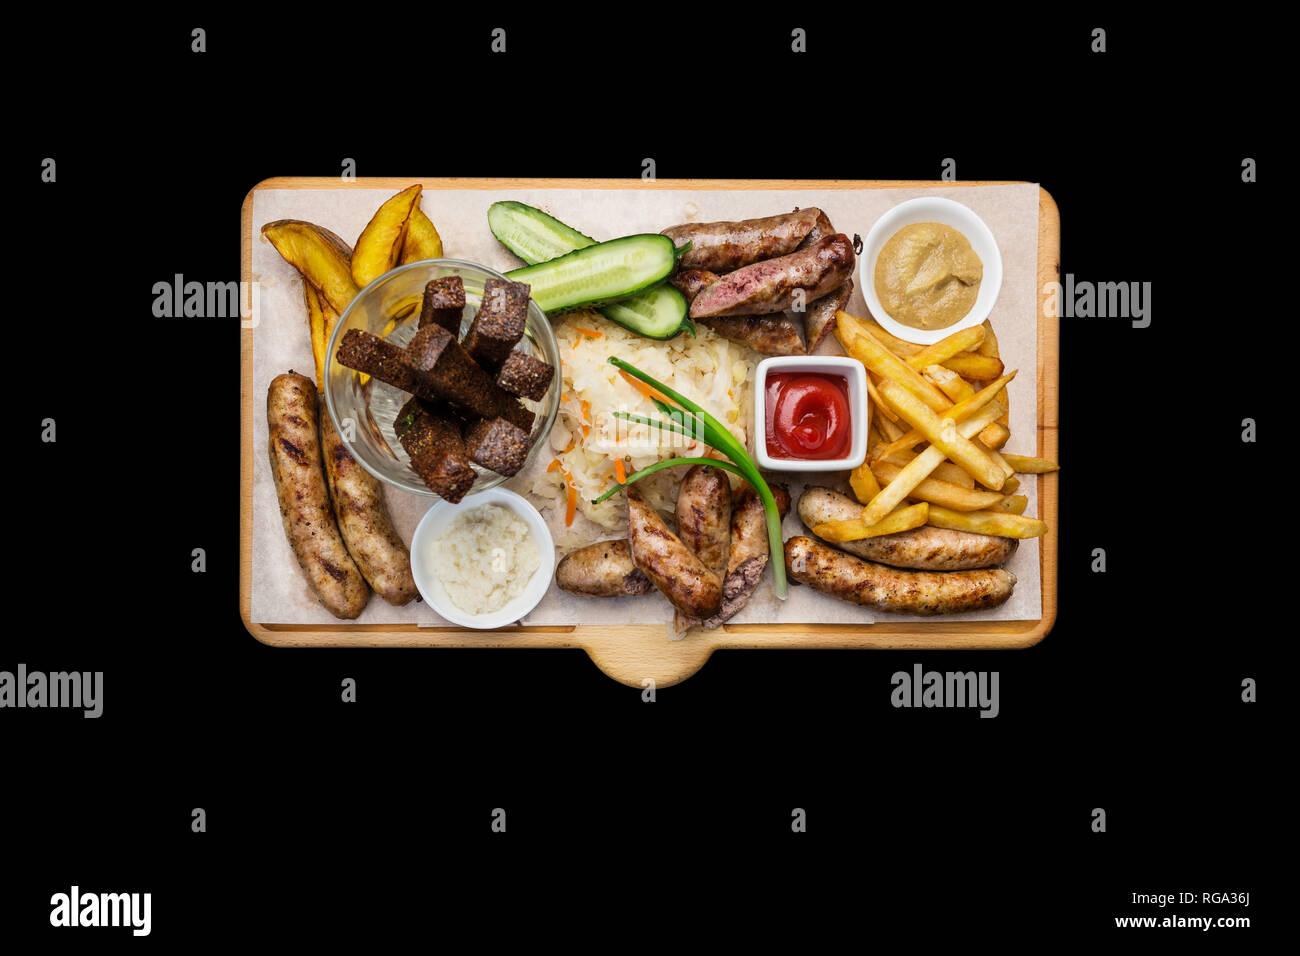 Bocadillos de cerveza. Salchichas asadas y papas fritas con tomate y salsa de barbacoa, servido en la tabla de cortar. Foto de stock